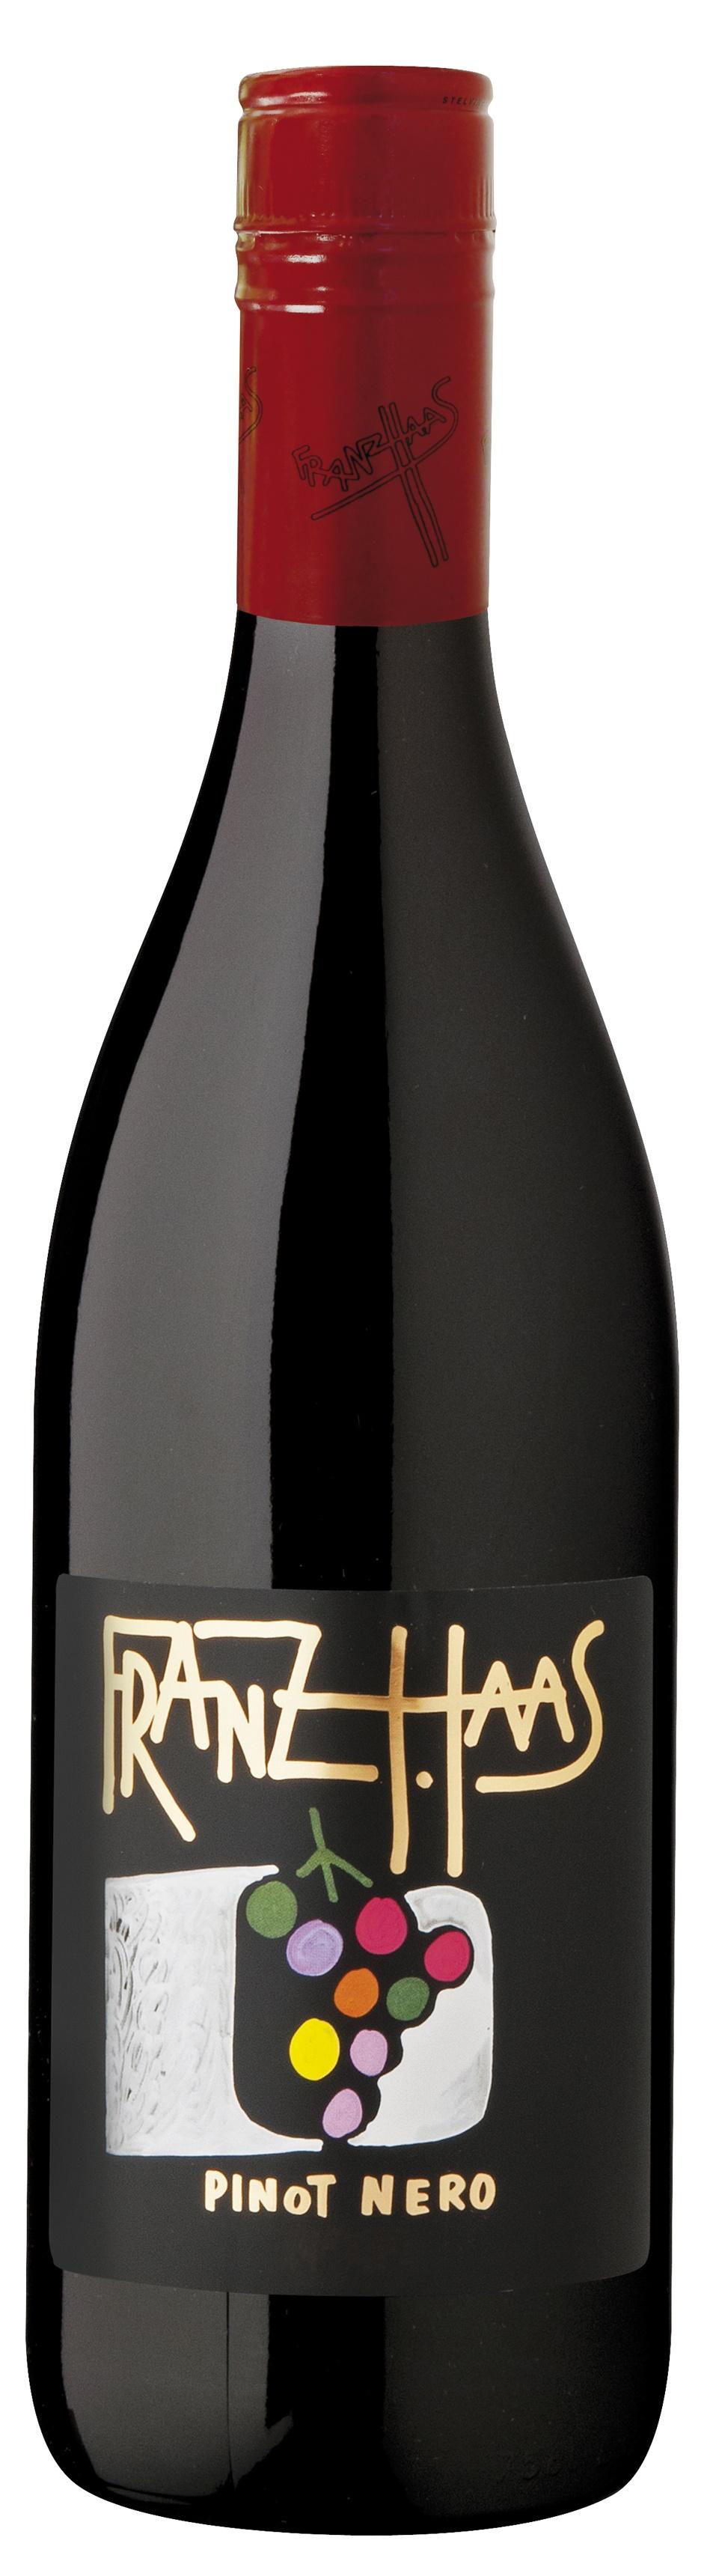 Franz Haas, Pinot Nero 2015